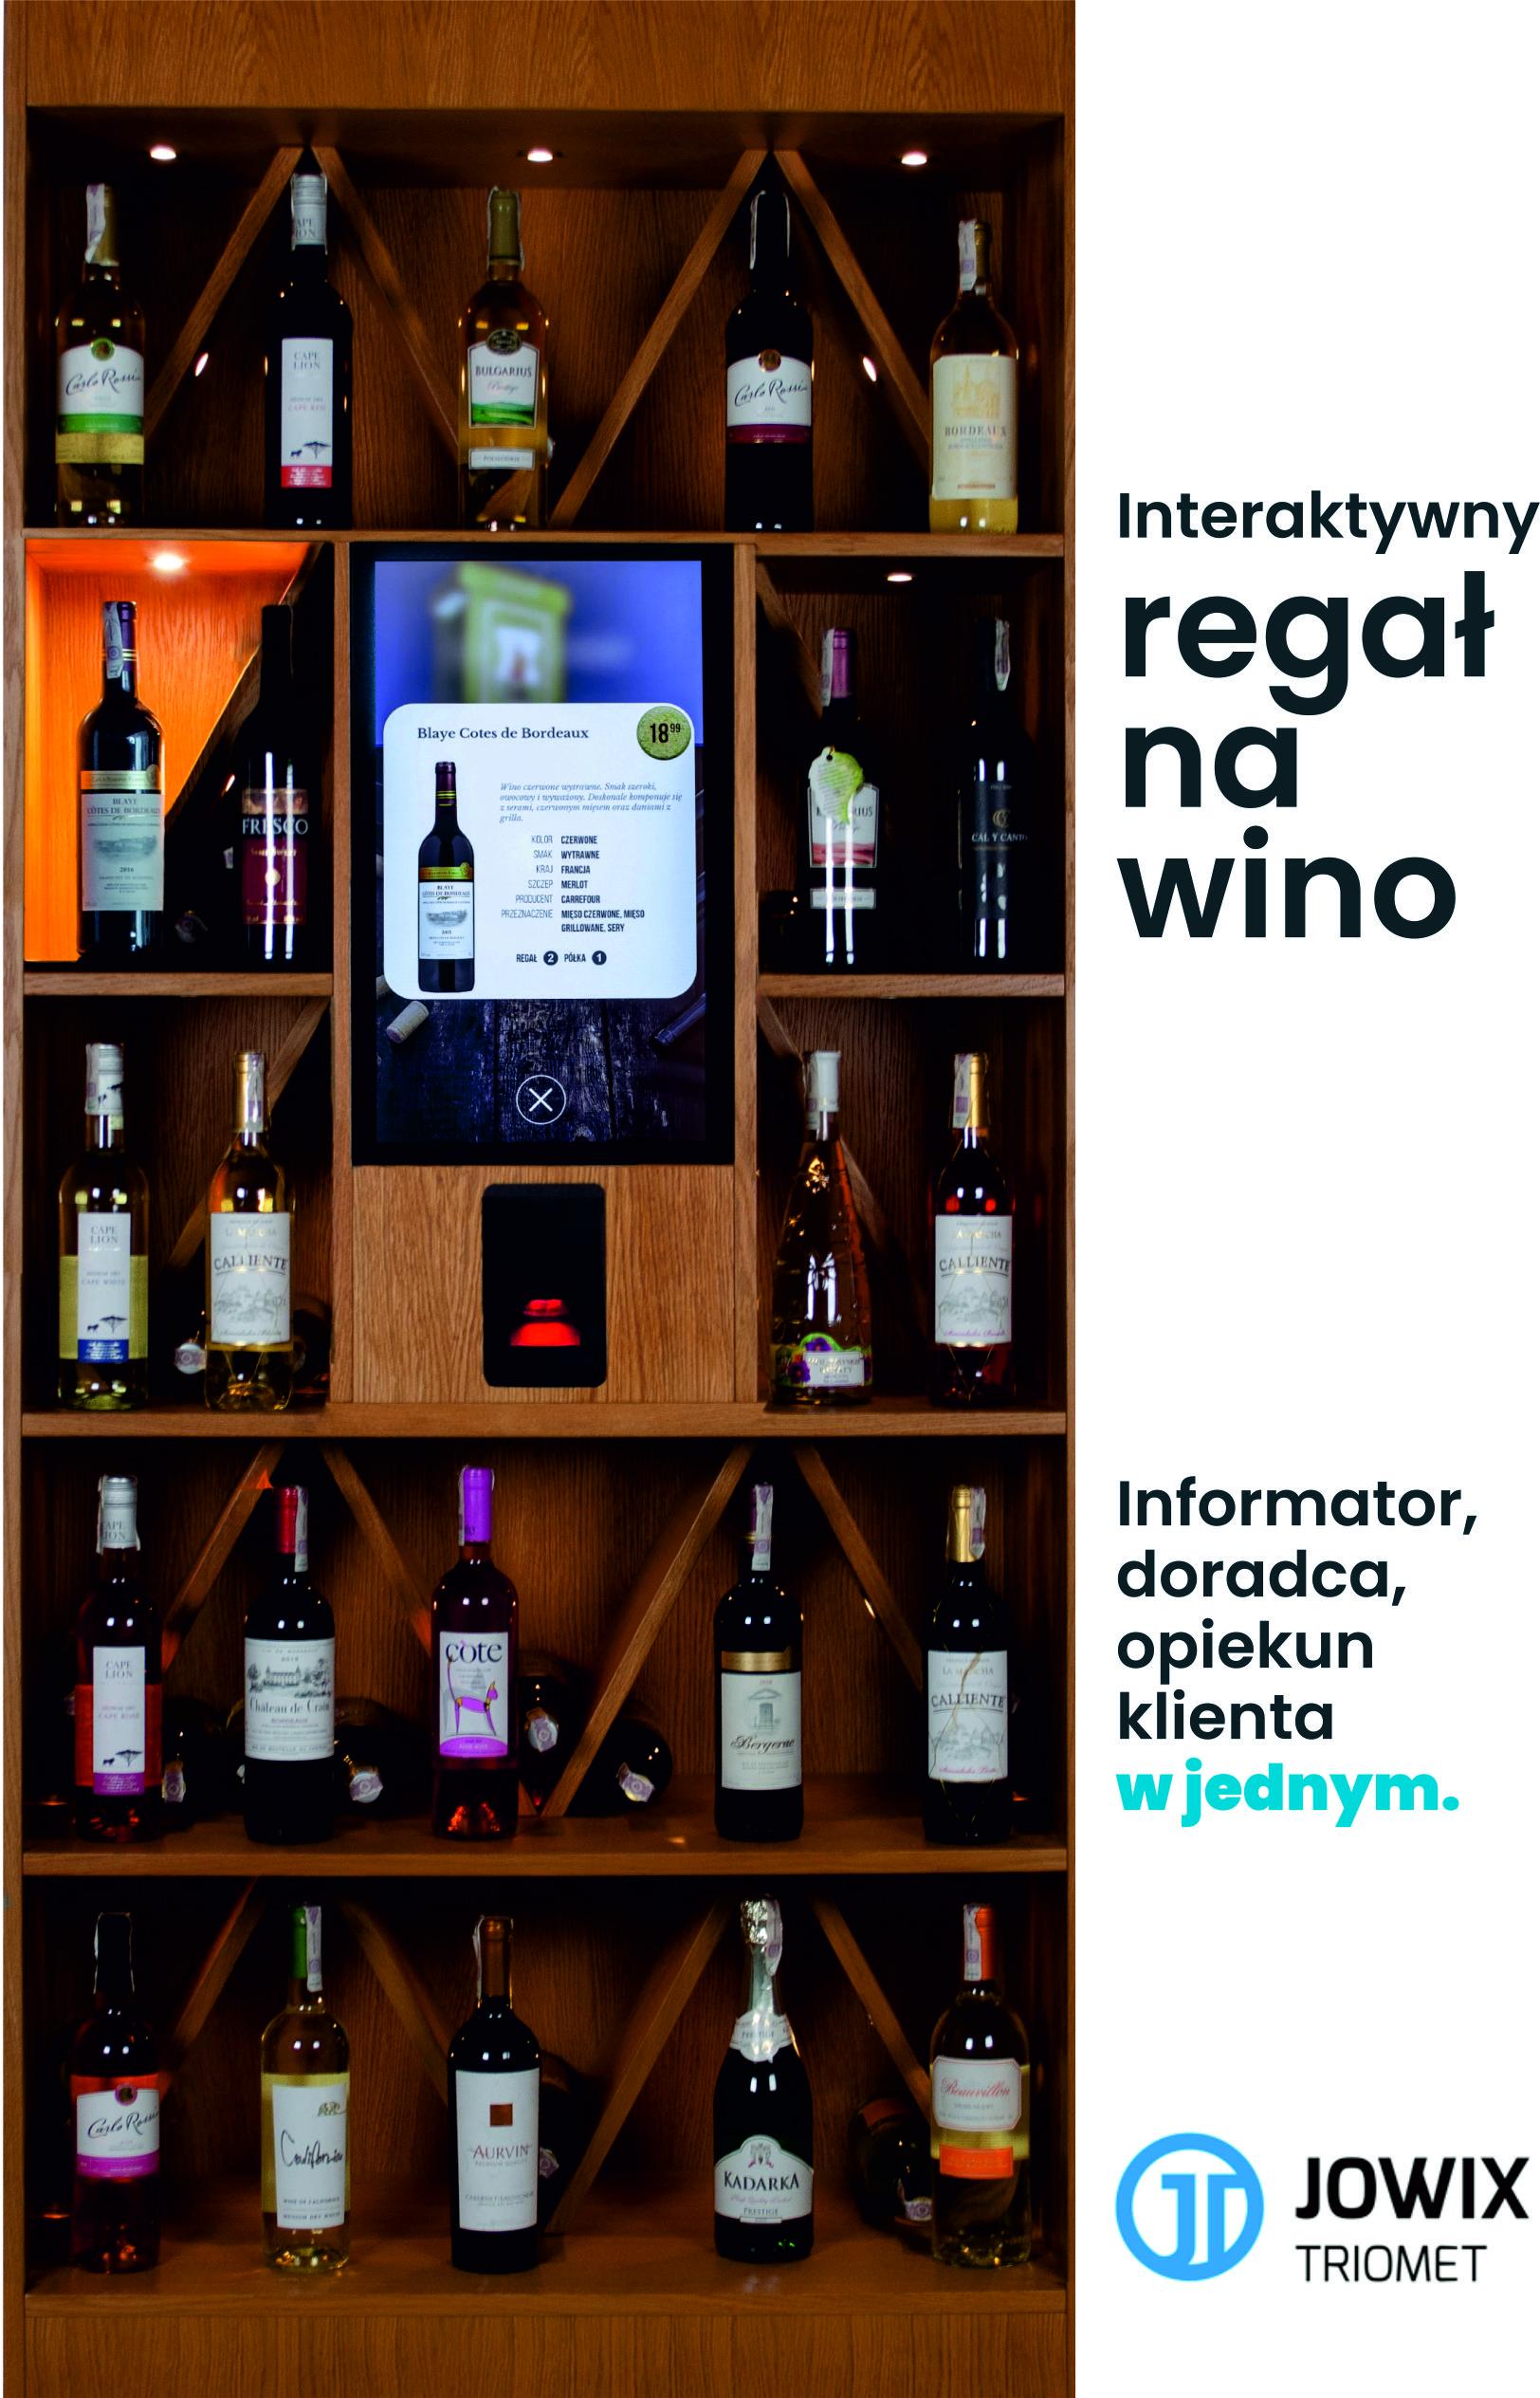 regał na wino interaktywny